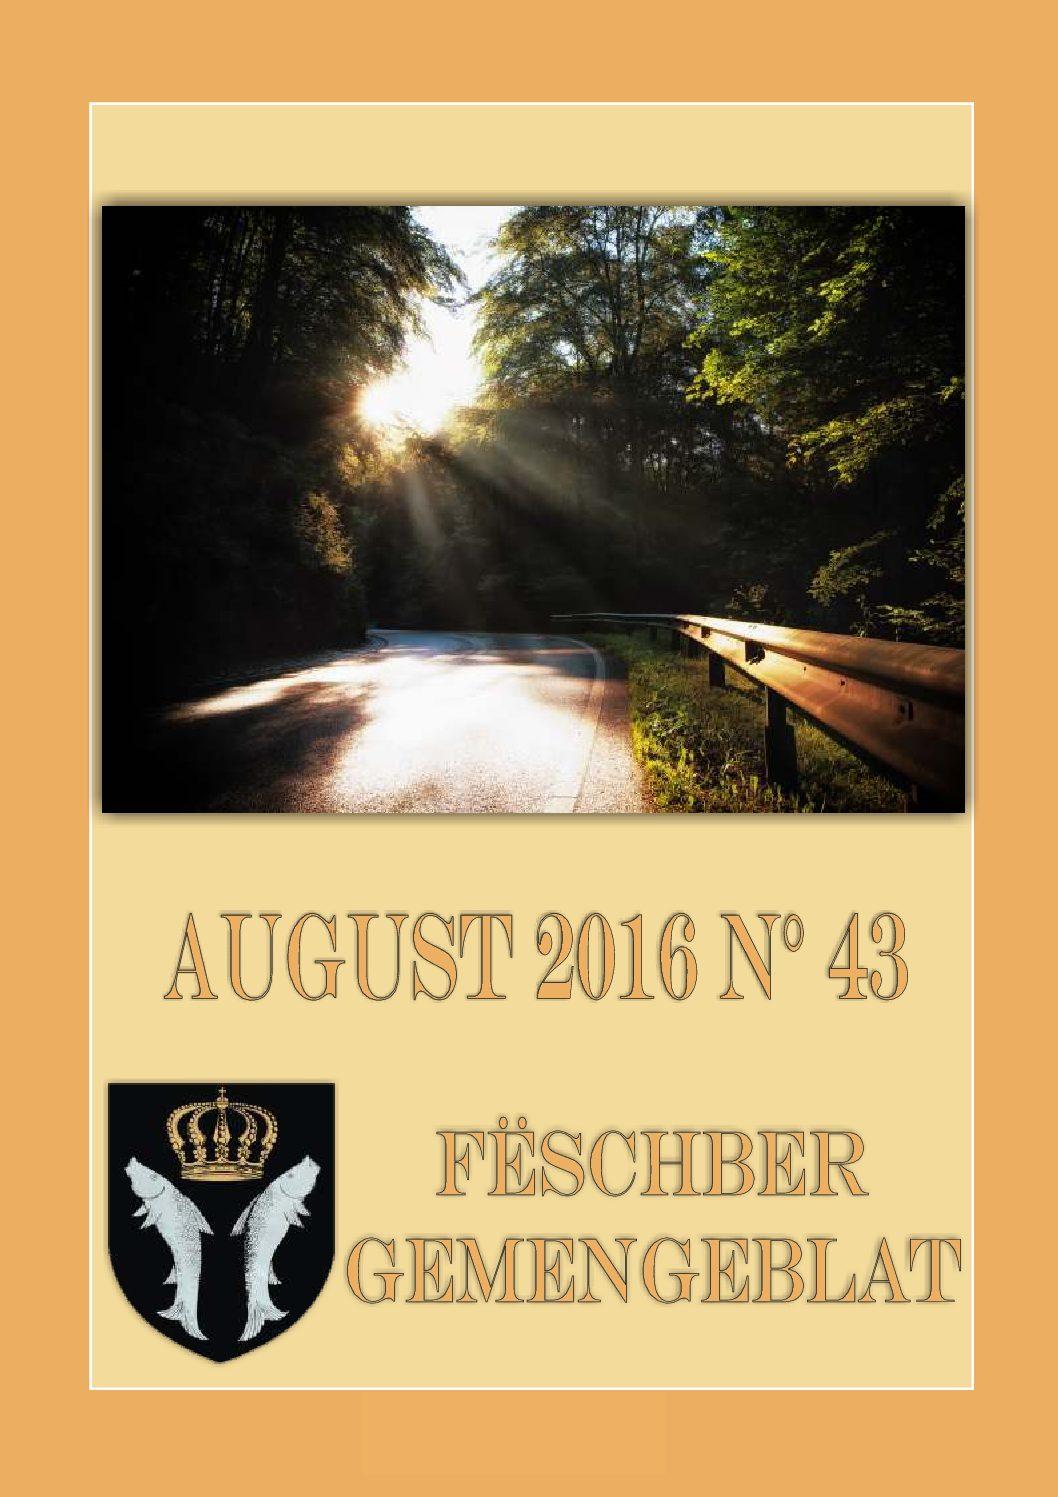 August 2016 Gemengeblat No. 43